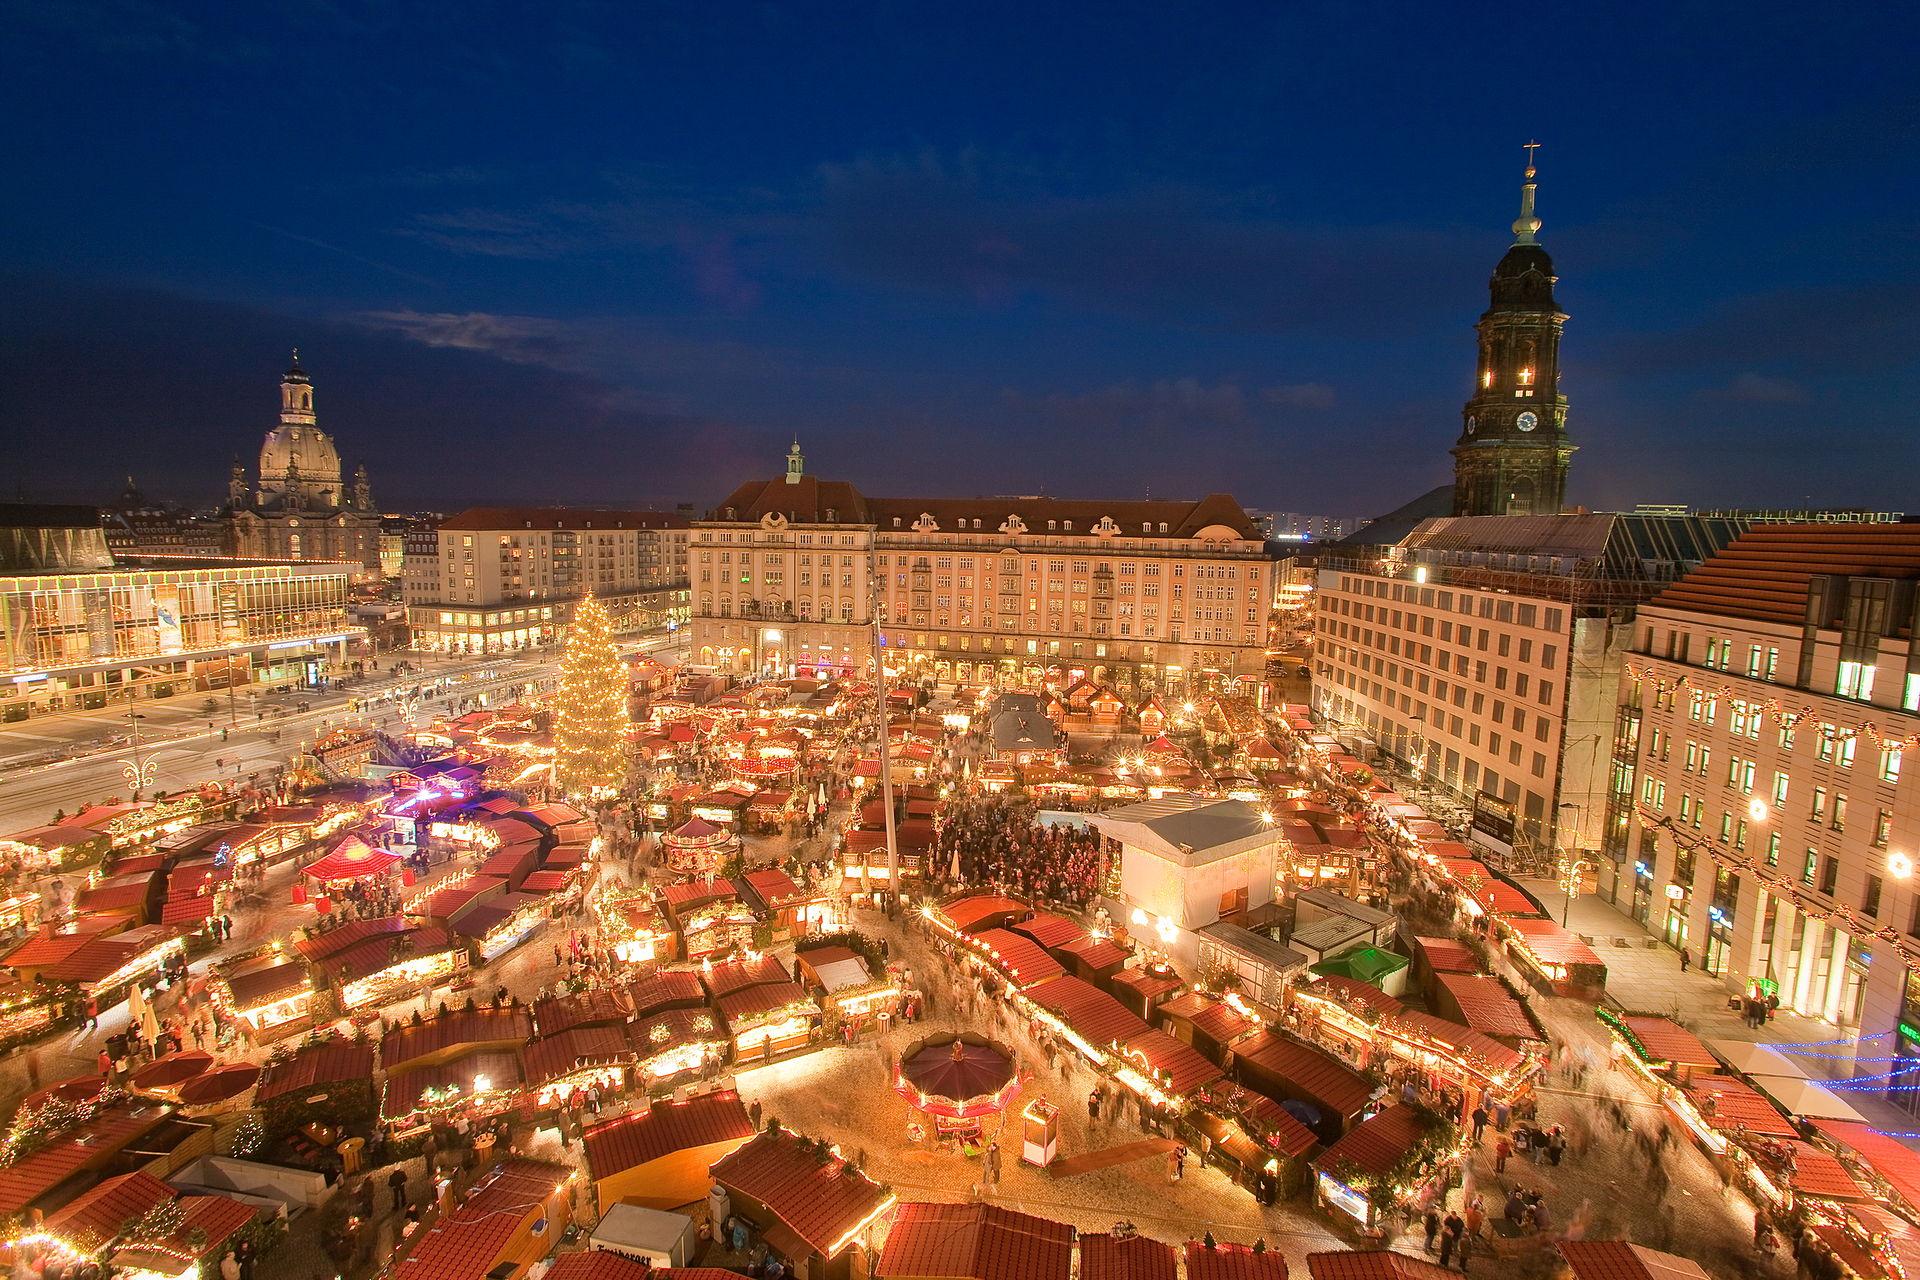 Dresden Striezelmarkt via Wikimedia Commons